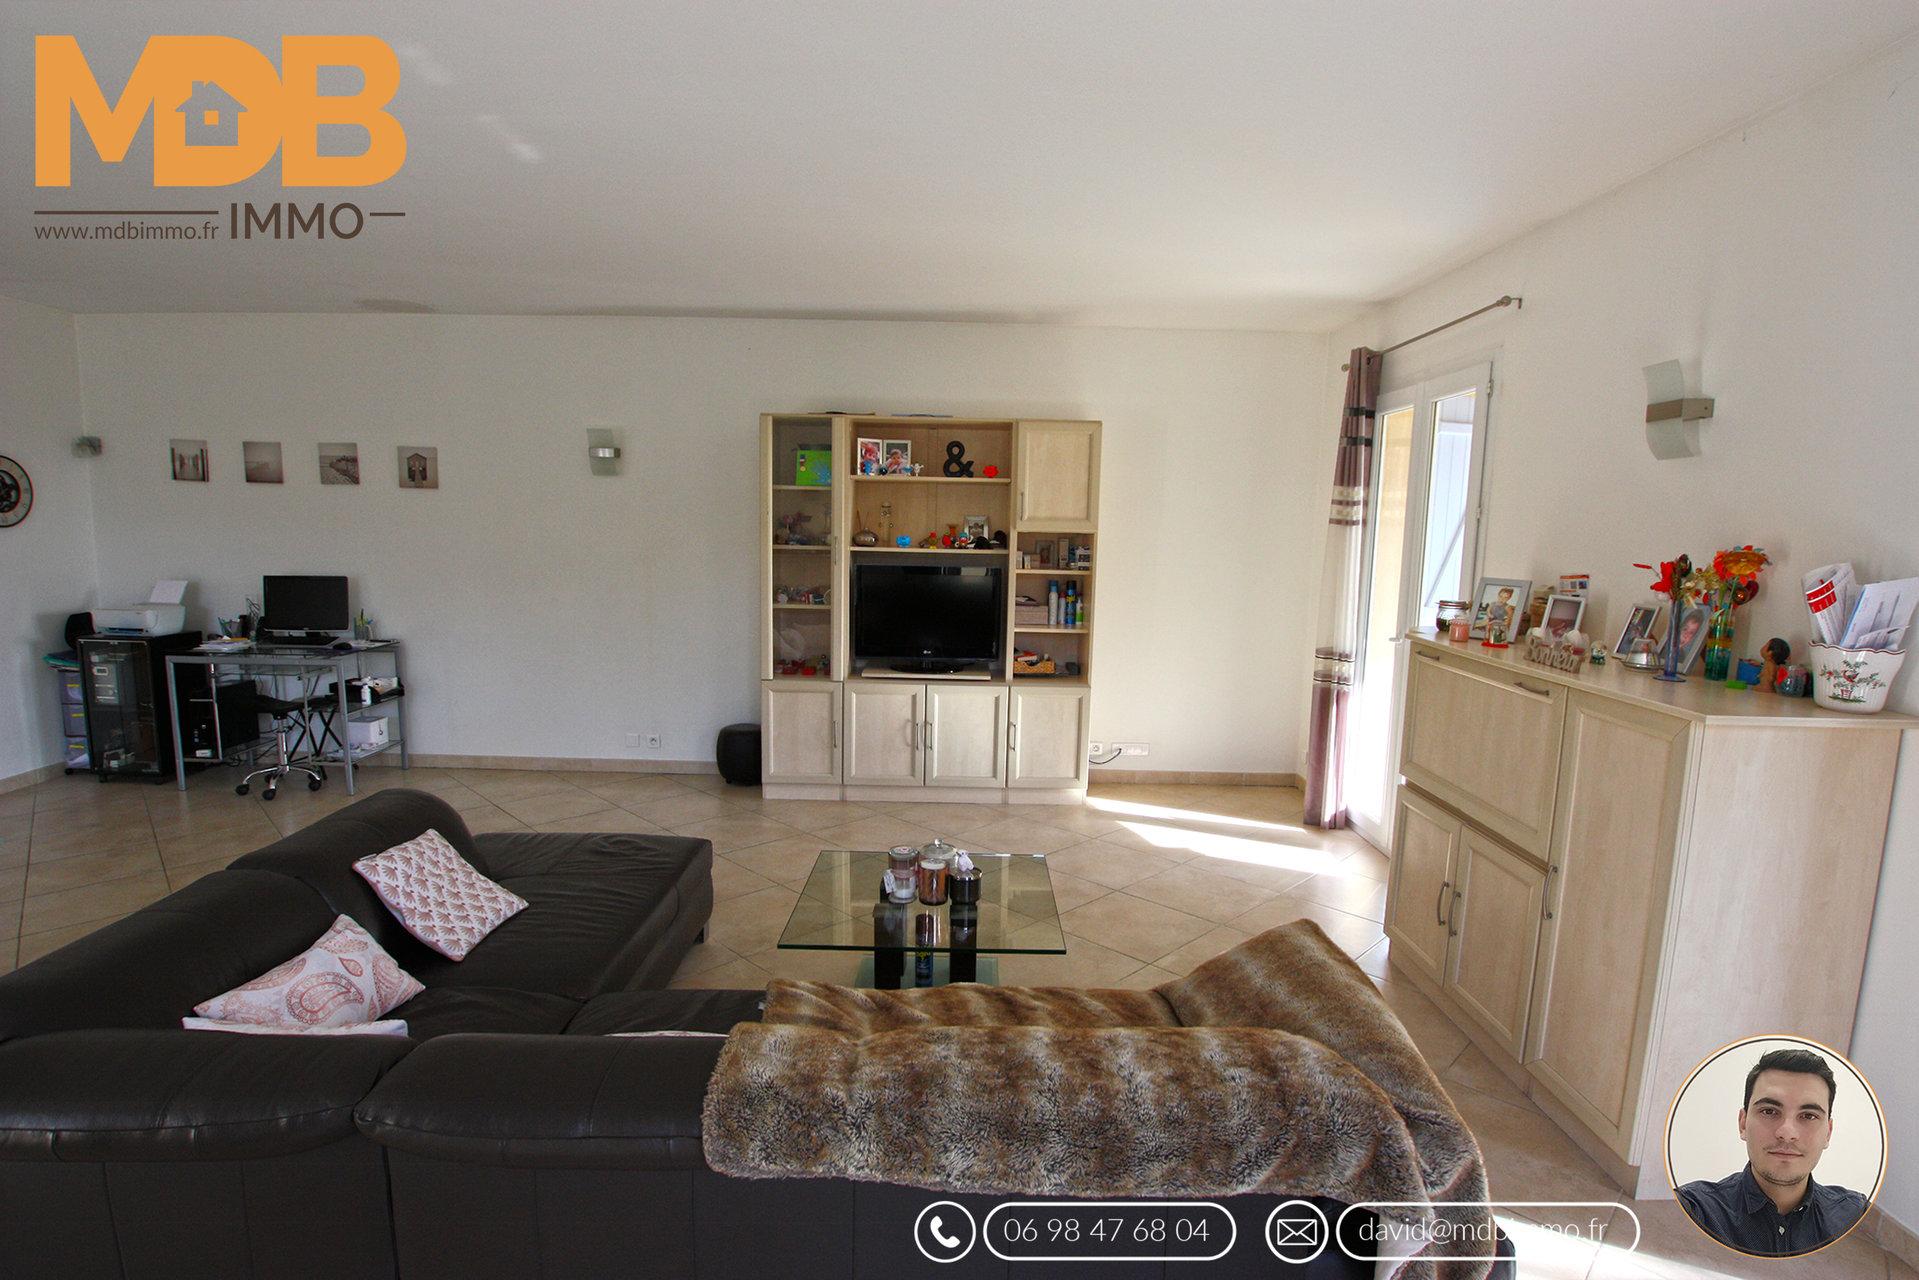 Maison individuelle - Frogier supérieur -  4 pièces - 130 m²